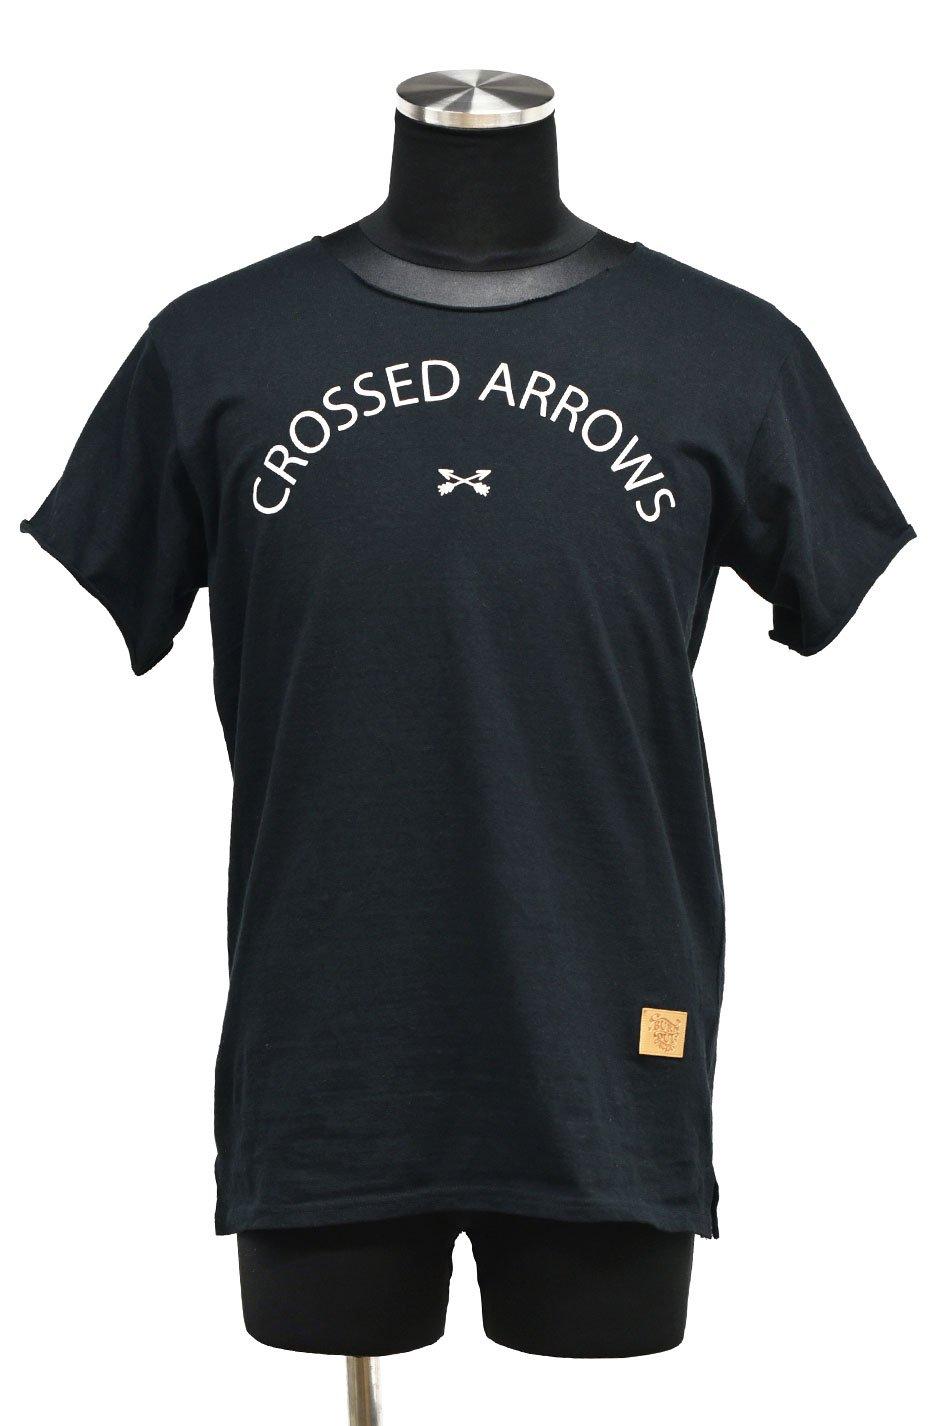 5%off! BURNOUT(バーンアウト )『CROSSED ARROWS』ラフィー天竺 カットオフTシャツ / ブラック